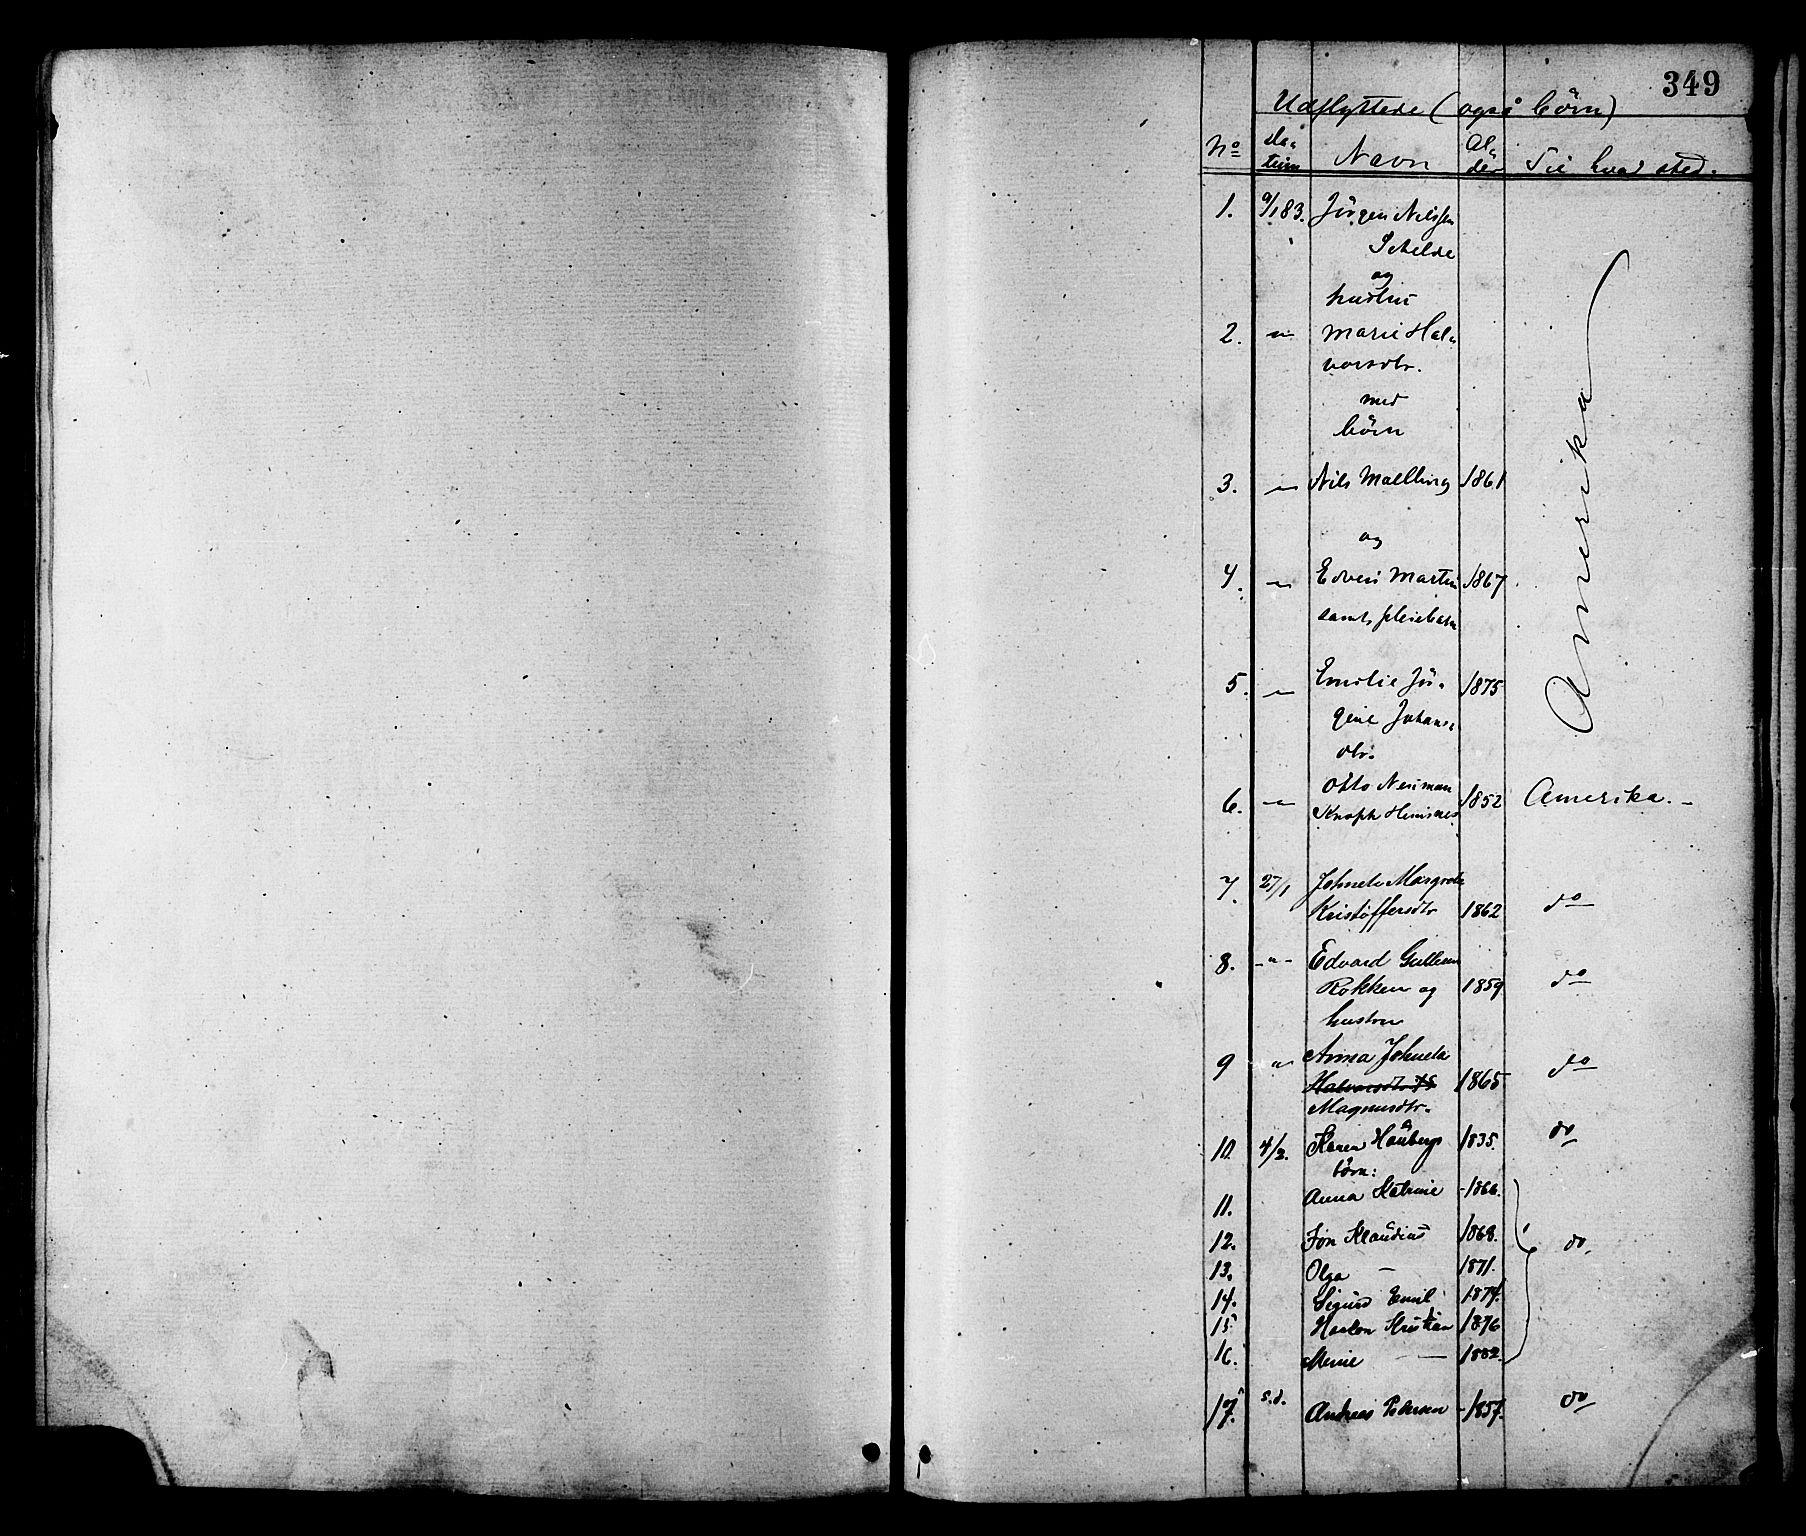 SAT, Ministerialprotokoller, klokkerbøker og fødselsregistre - Nord-Trøndelag, 780/L0642: Ministerialbok nr. 780A07 /1, 1874-1885, s. 349